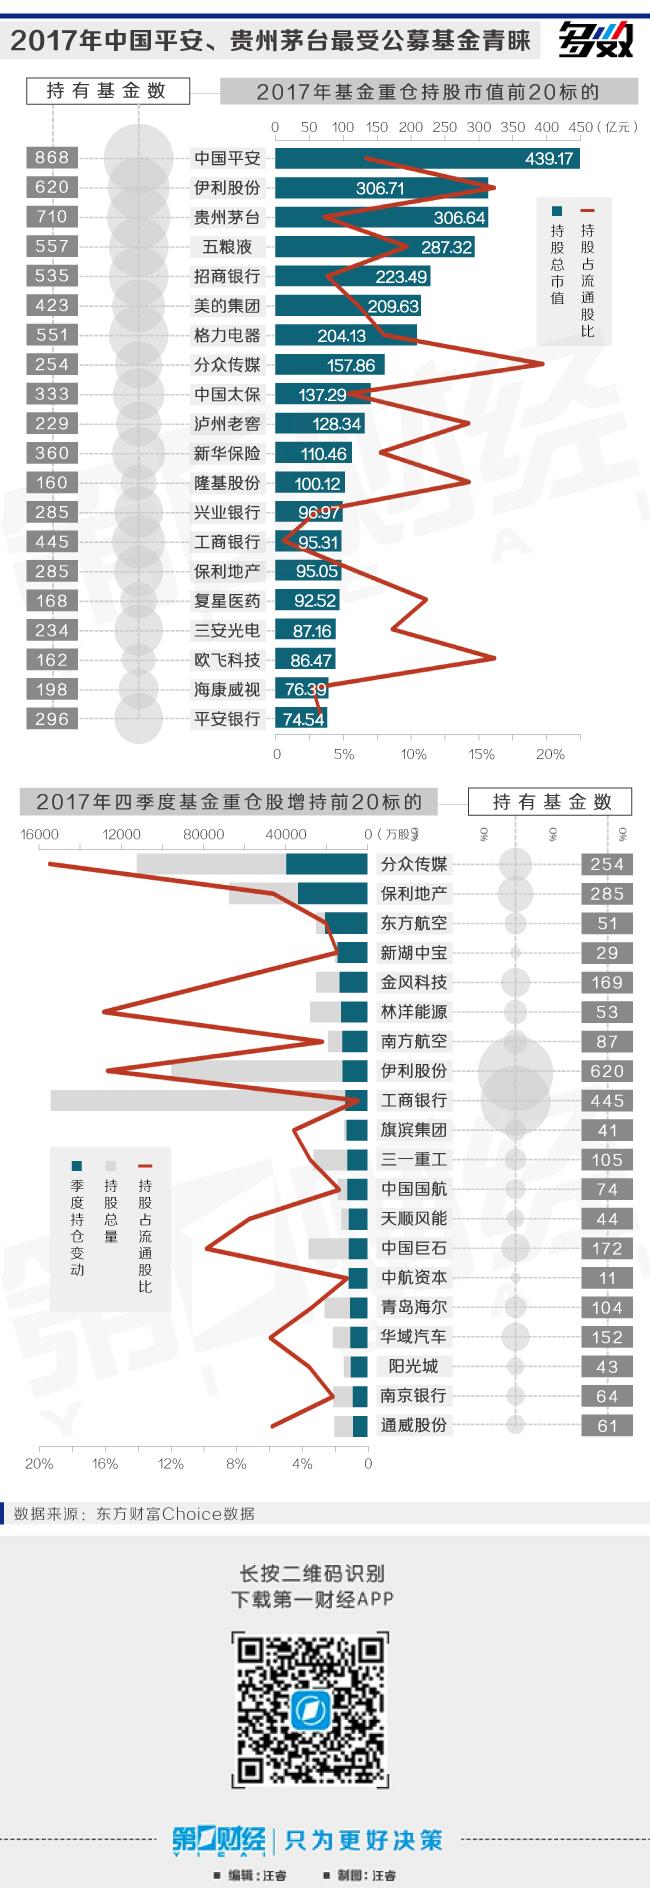 公募基金2017年大赚5600亿,中国平安最受青睐